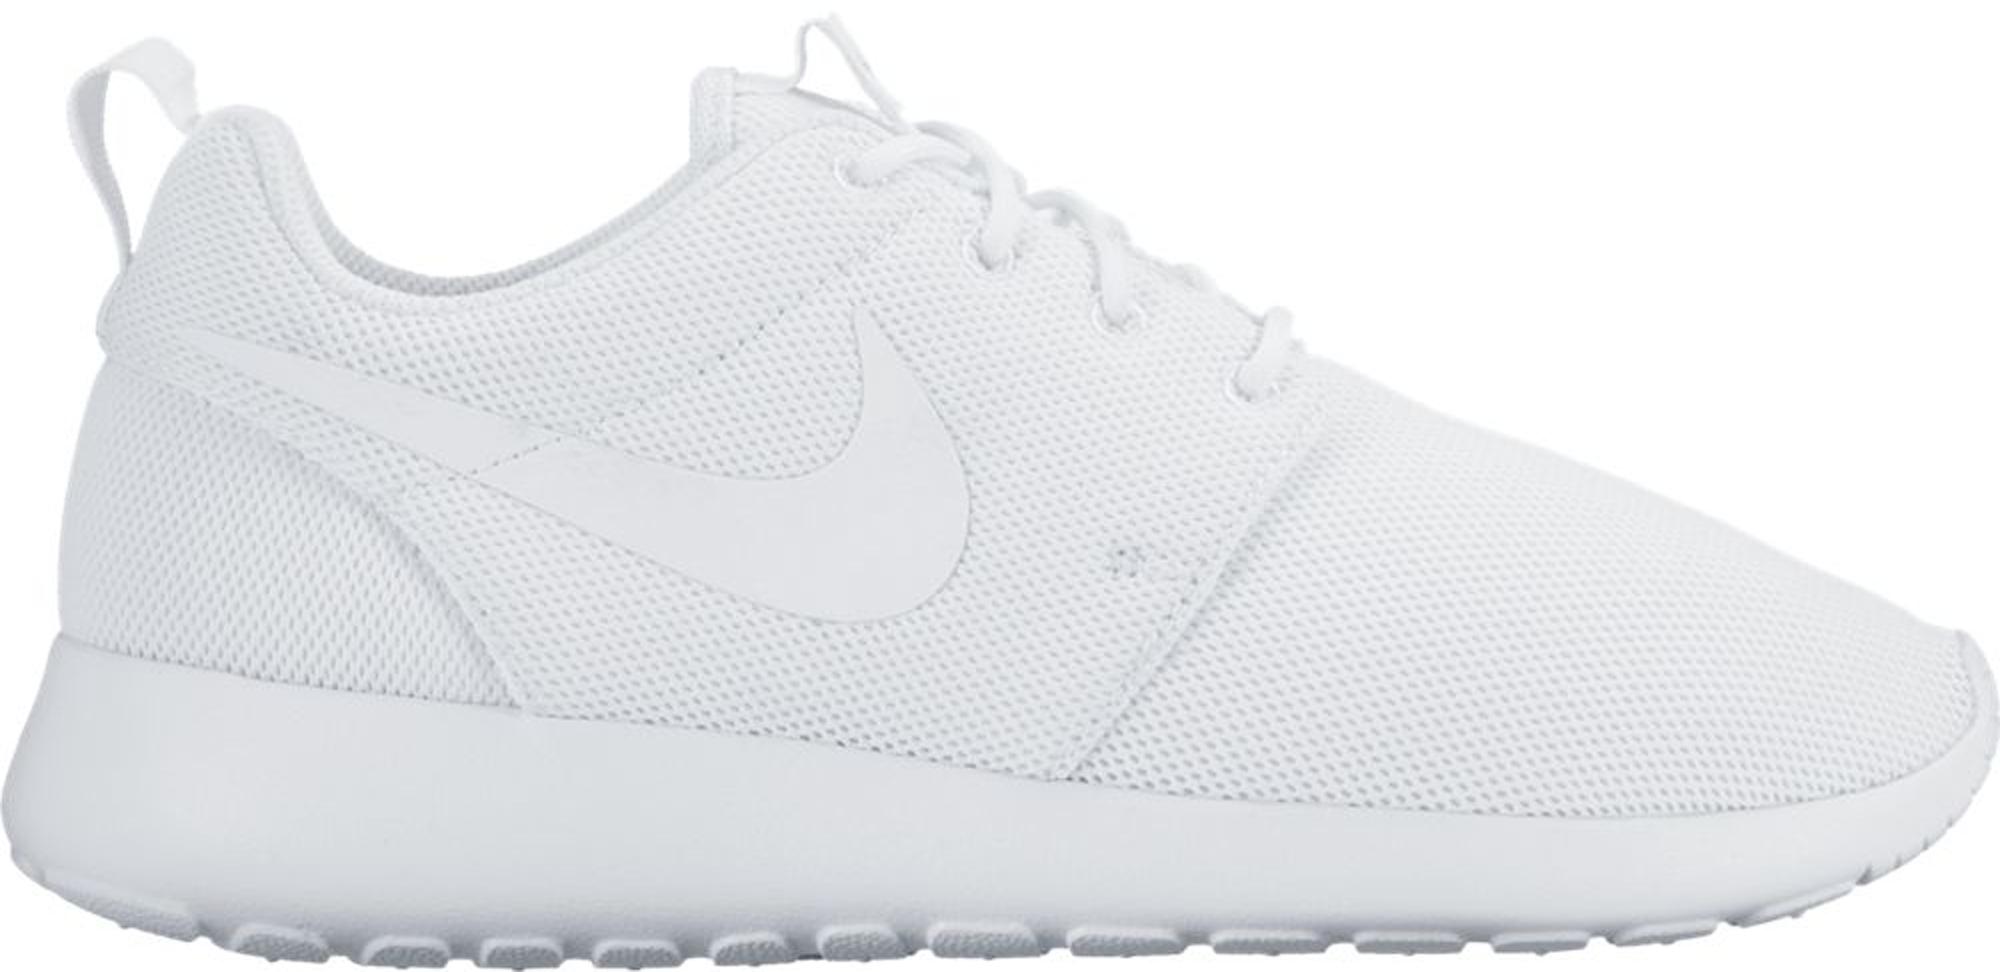 Nike Roshe One Triple White (W